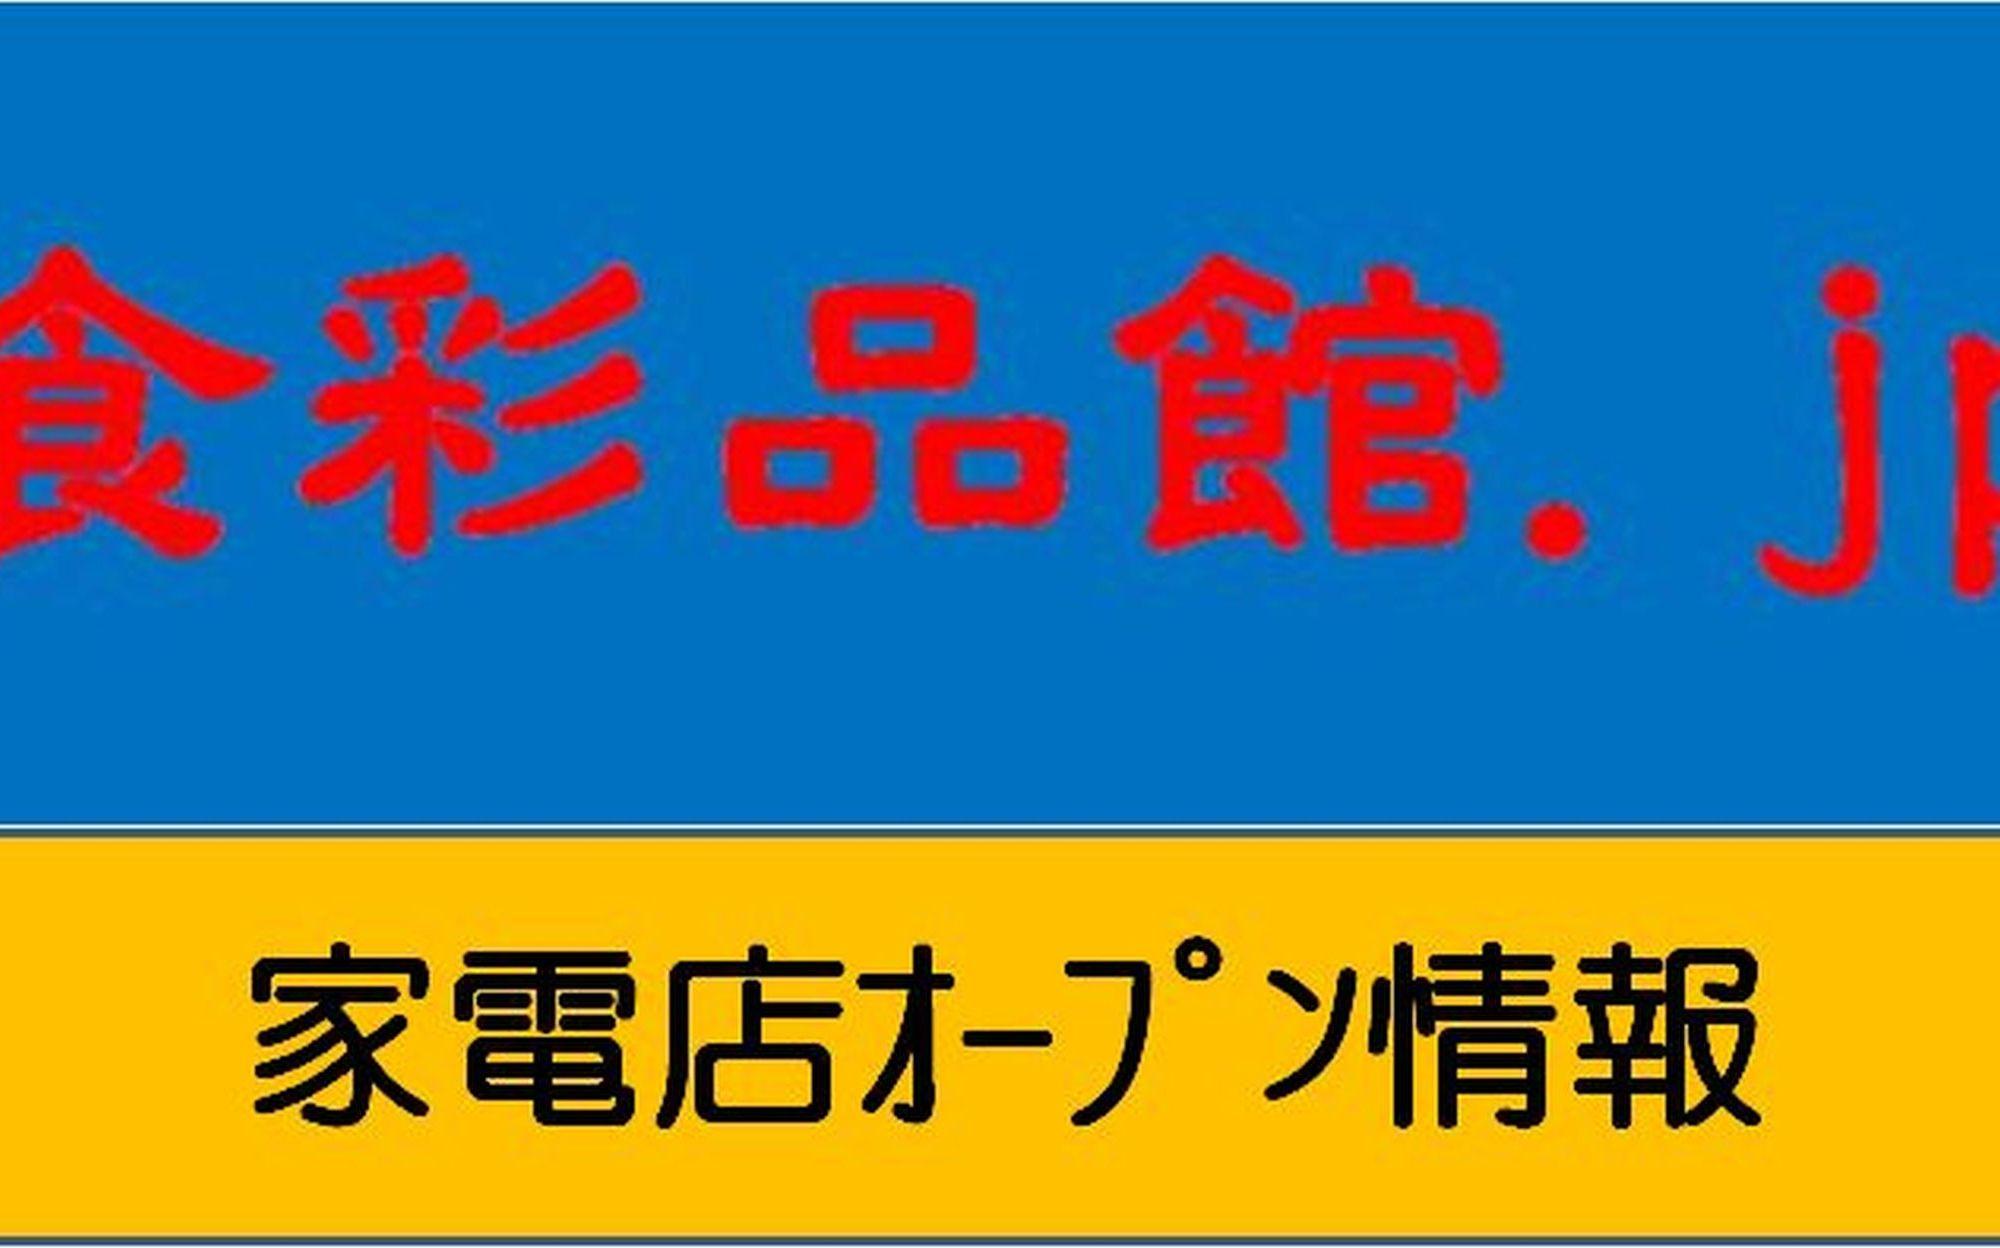 ケーズデンキ加古川店(兵庫県加古川市)2020年10月11日オープン予定で大店立地届出